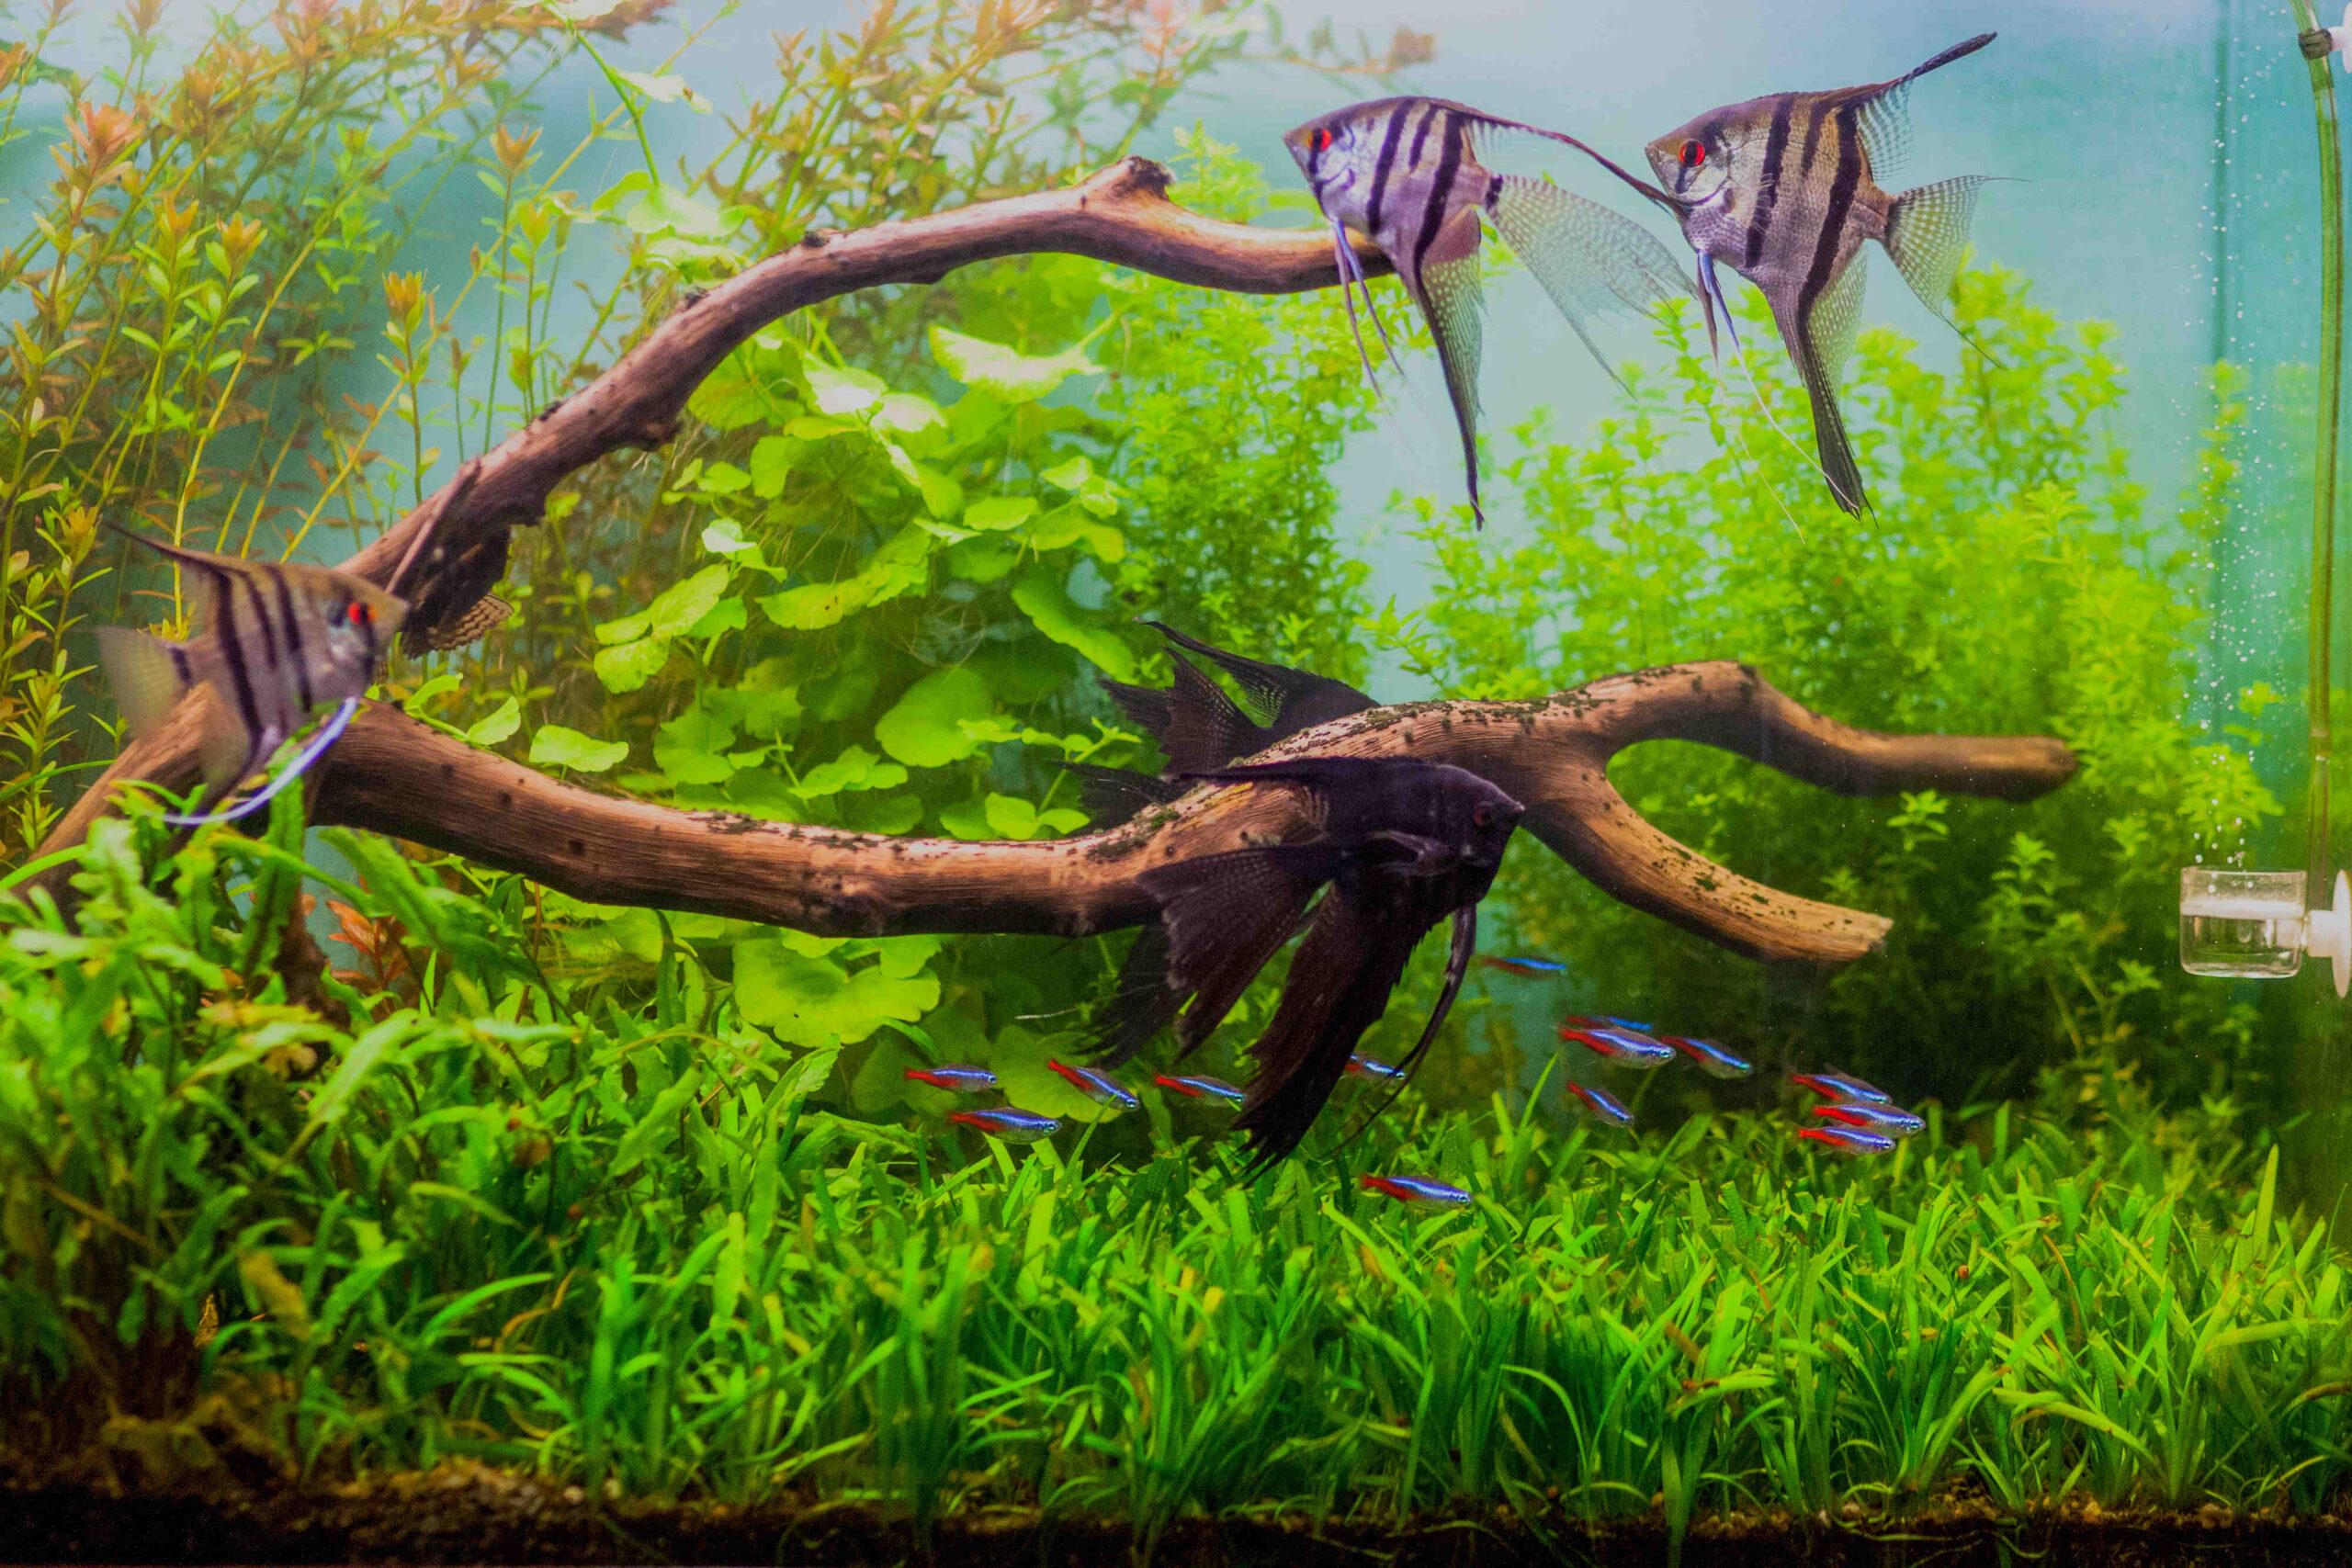 Comment introduire de nouveaux poissons dans l'aquarium?